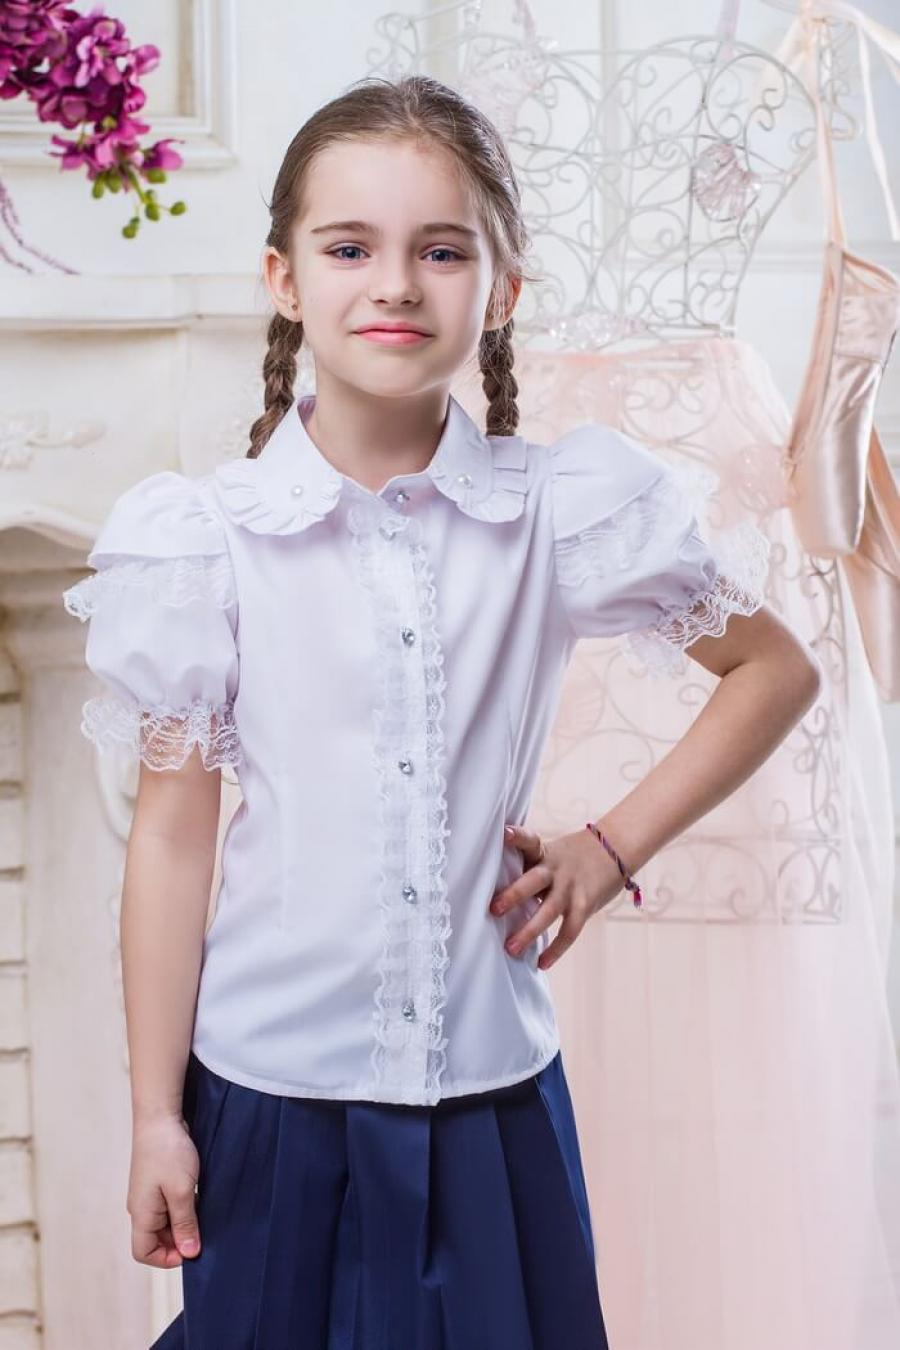 998e8e8c1d9 Школьная Блузка Для Девочки «Sh-11» ~ Купить Оптом От (5+)